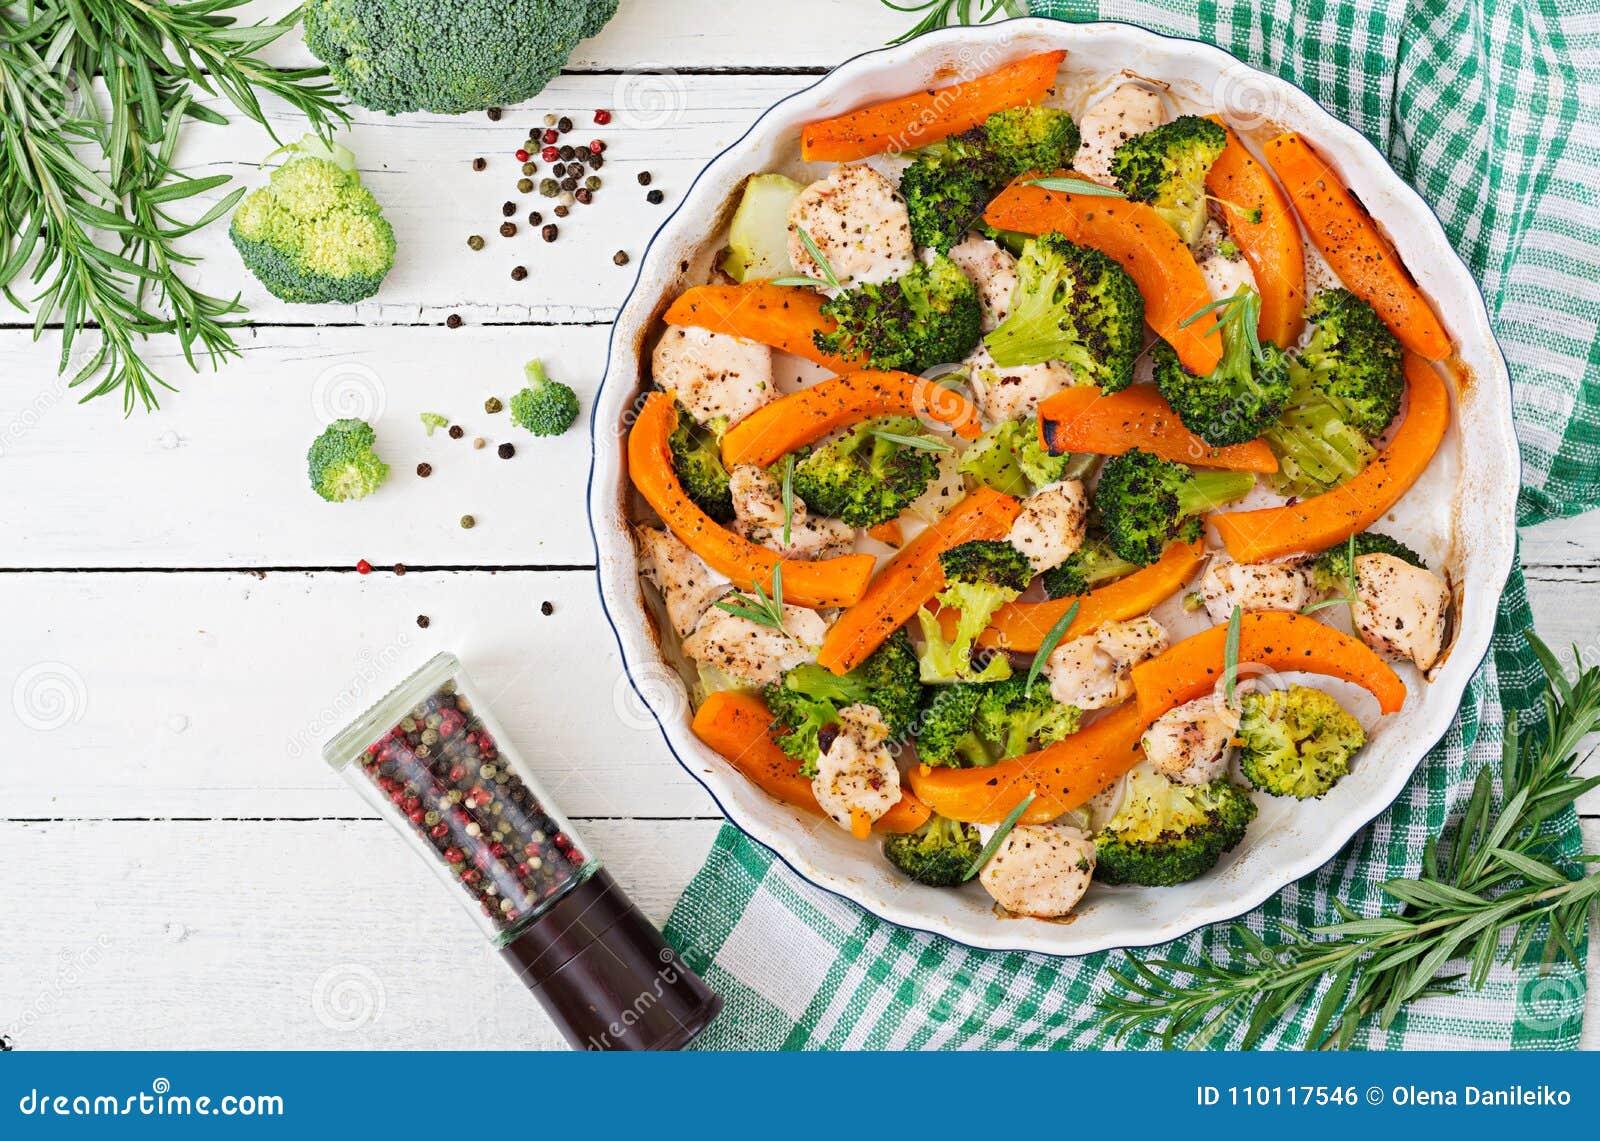 Menu dietético Faixa cozida da galinha com uns brócolis e uma abóbora com erva picante